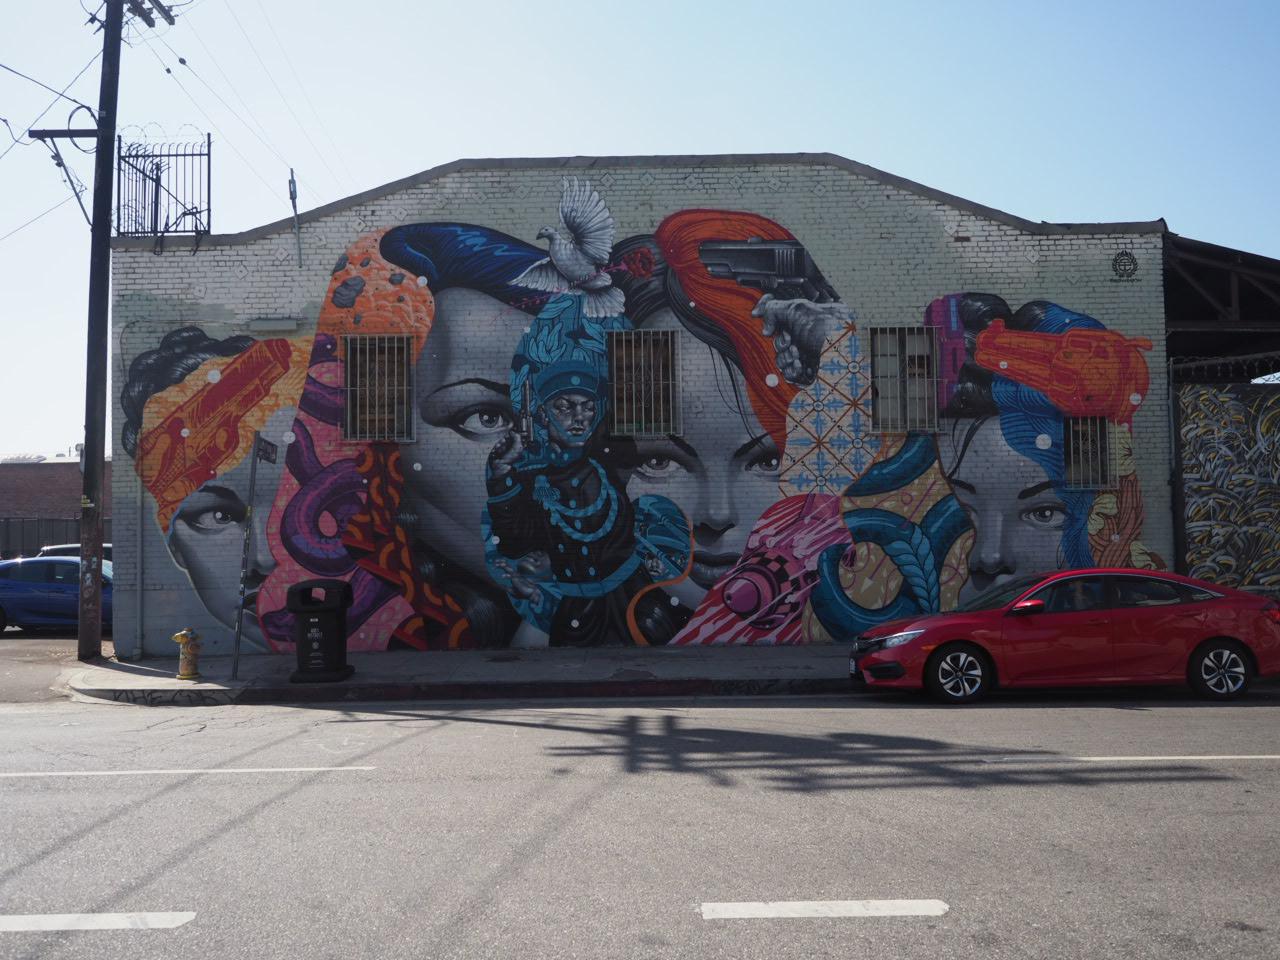 Vi så flere vegger av Tristan Eaton. Jeg malte med han i Sverige for et par år siden. Gøy å se veggene hans rundt om i verden.